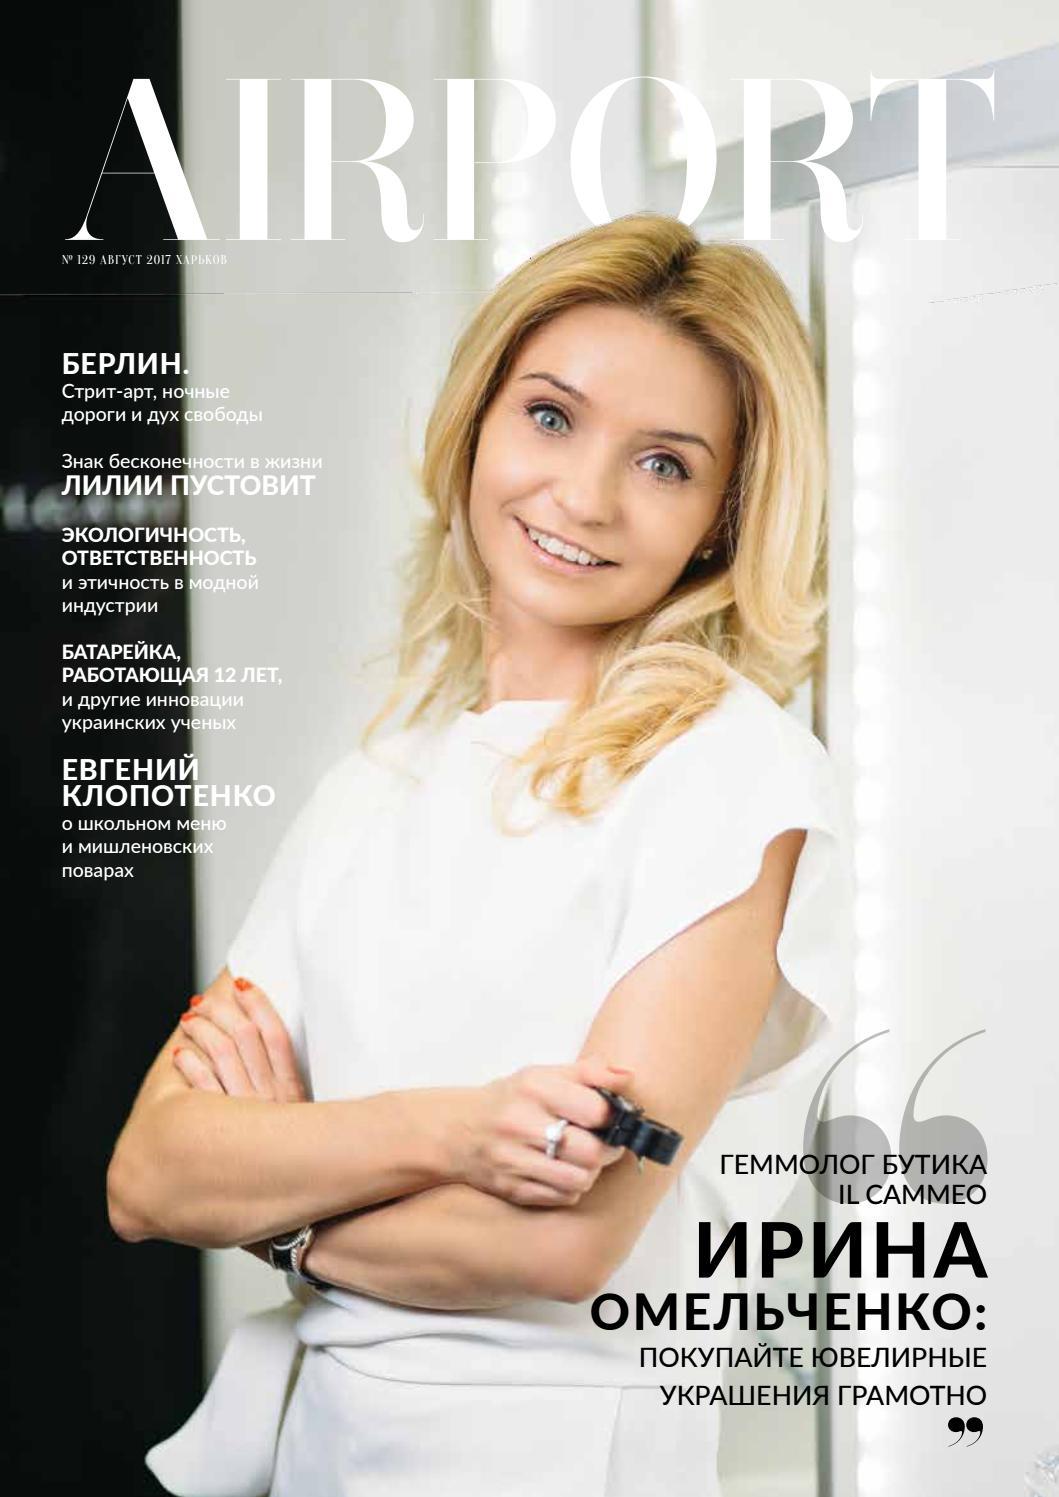 Найти гугле777иуж 777 инновационный сайт знакомства знакомства москве без регистрации